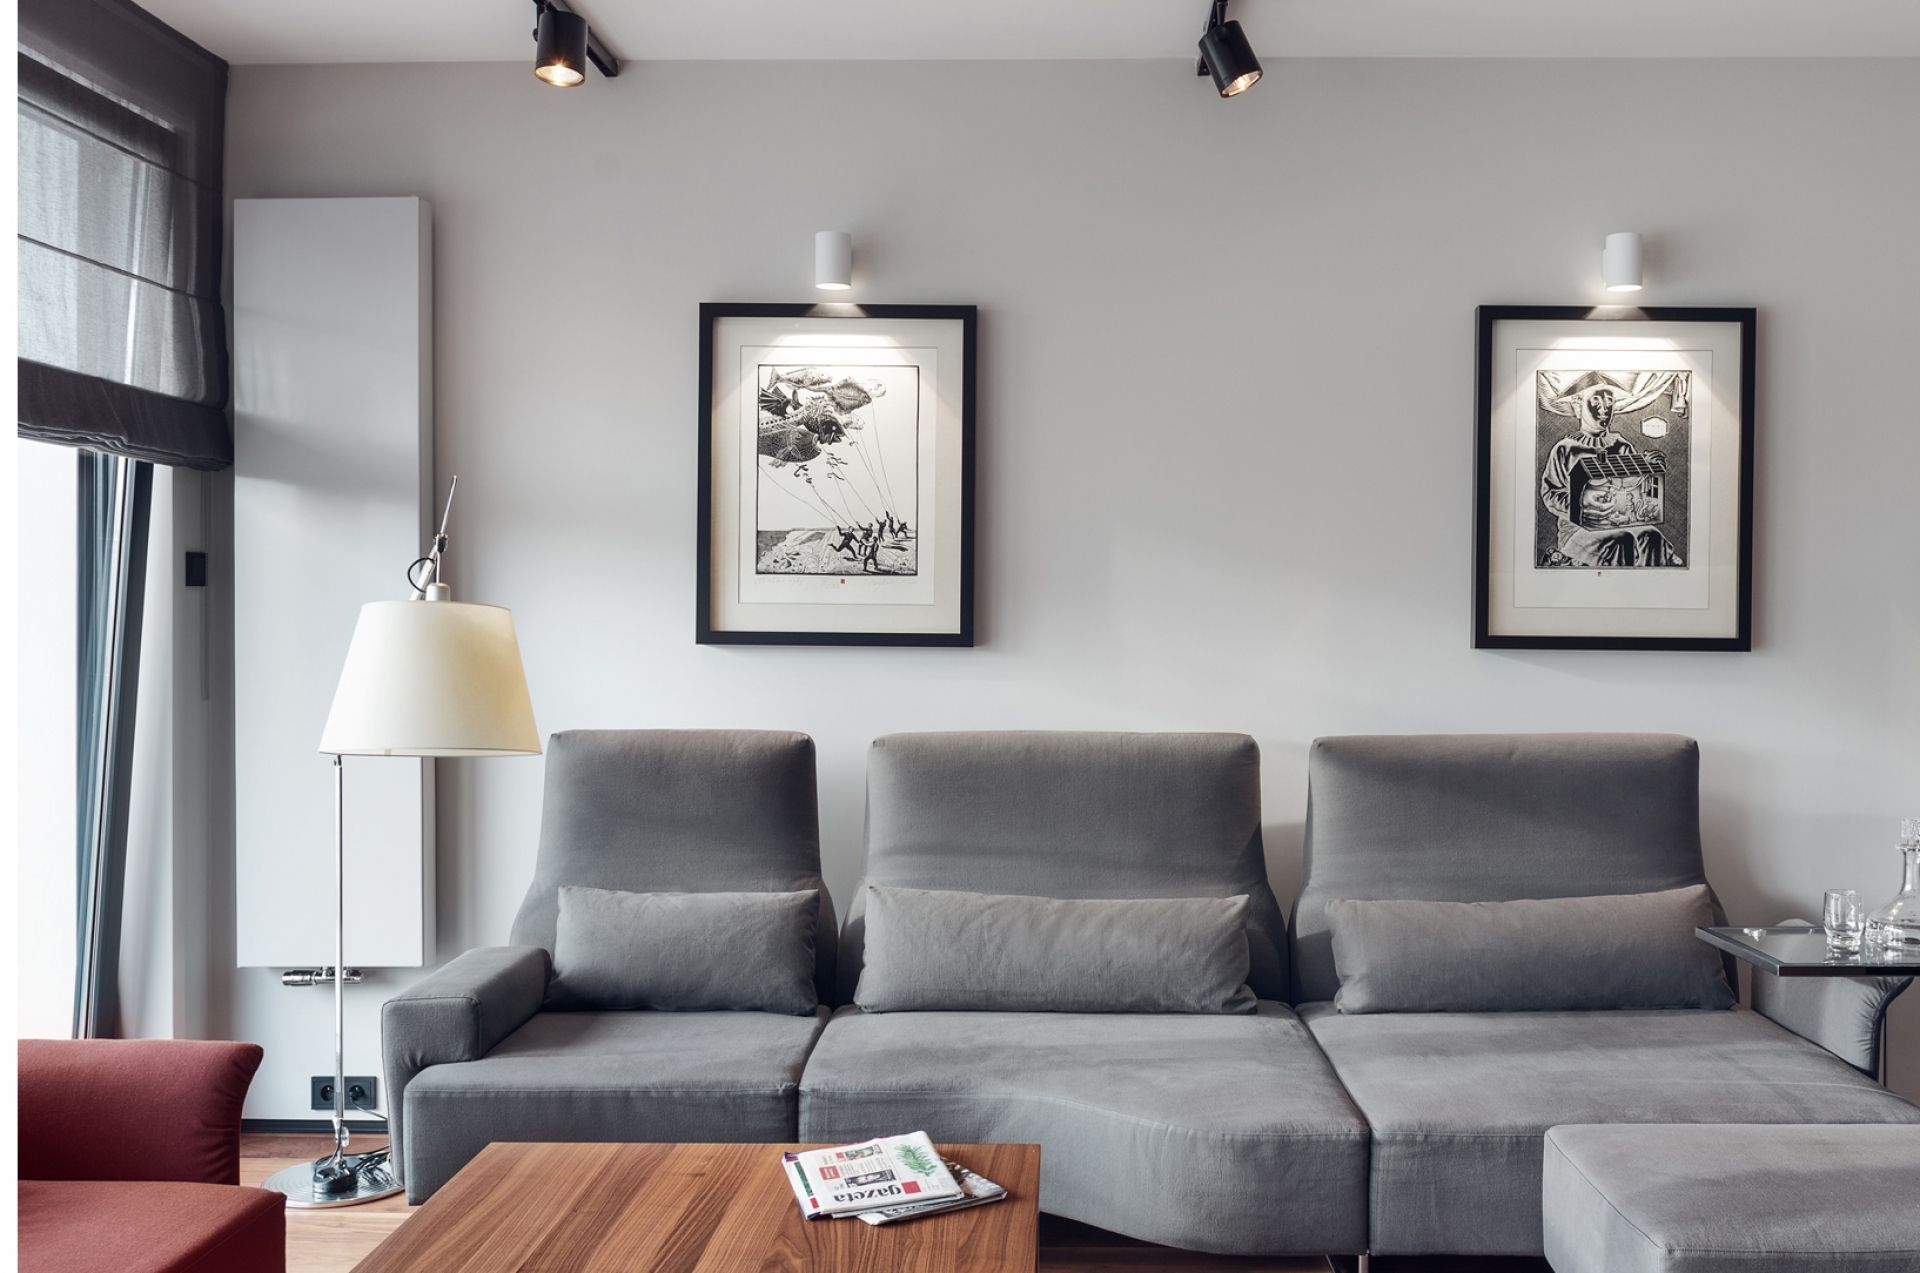 Квартира в Польше | Pro Design|Дизайн интерьеров, красивые дома и квартиры, фотографии интерьеров, дизайнеры, архитекторы